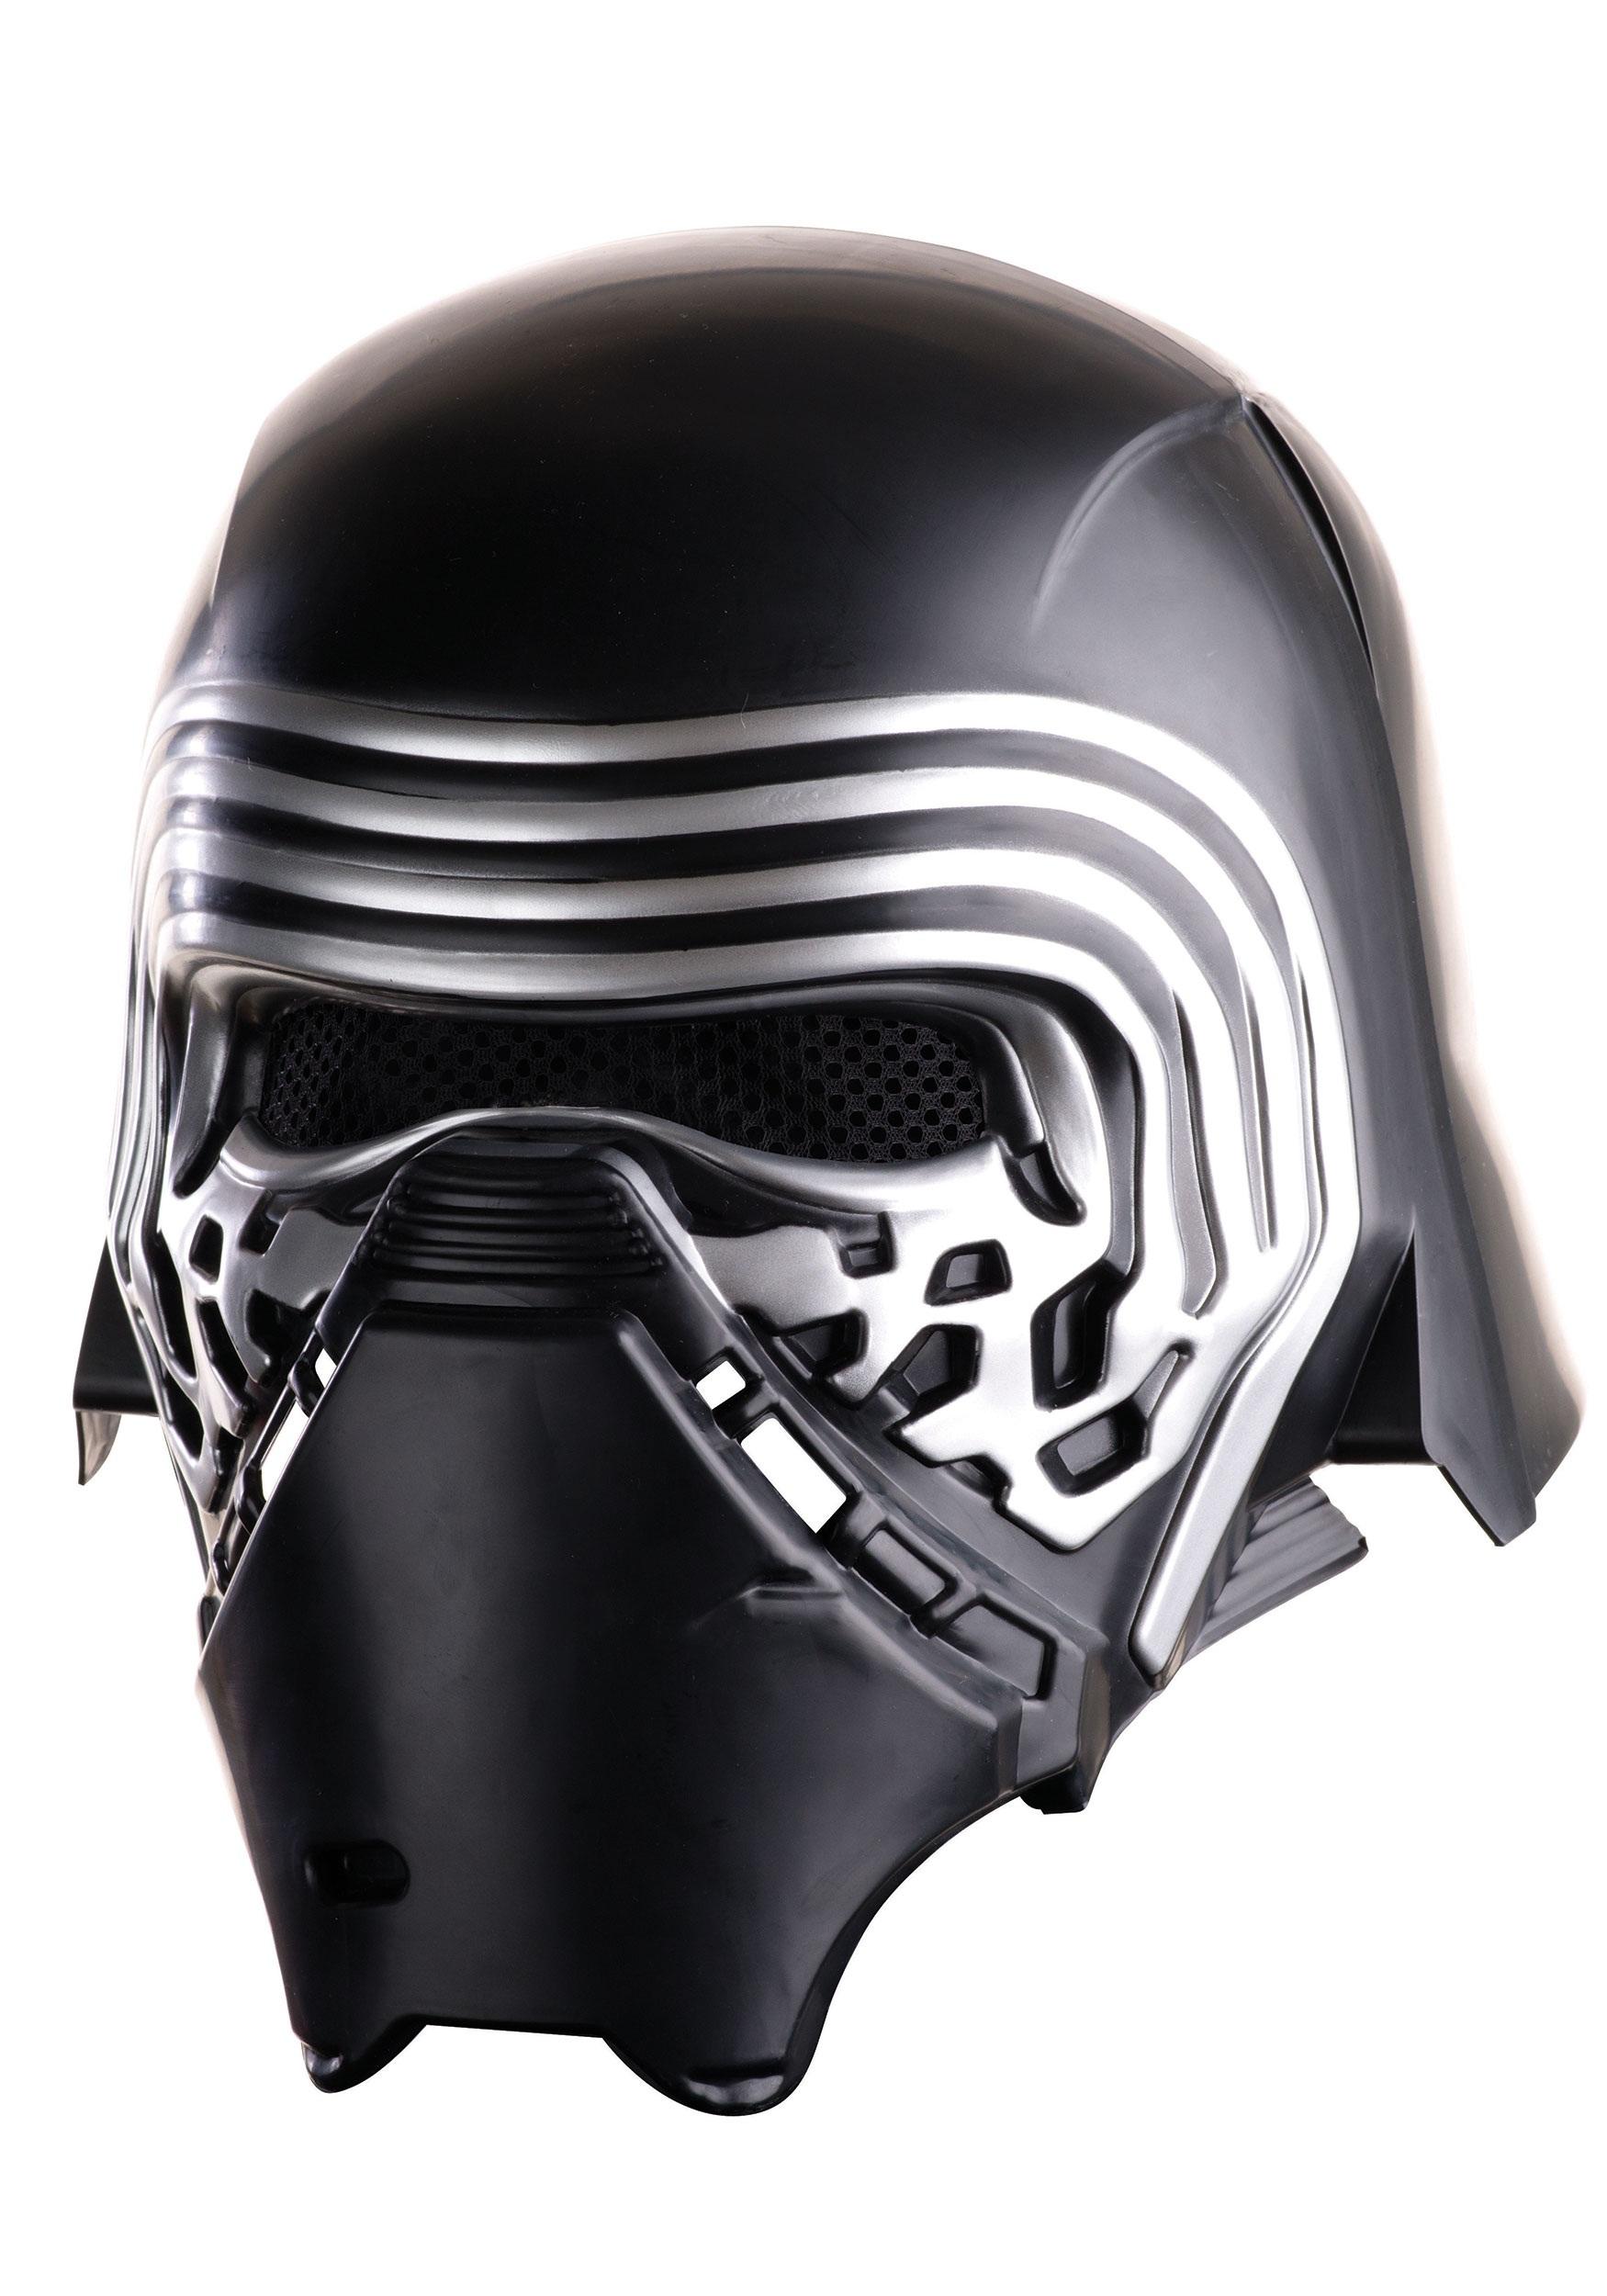 Child Star Wars The Force Awakens Deluxe Kylo Ren Helmet RU32268